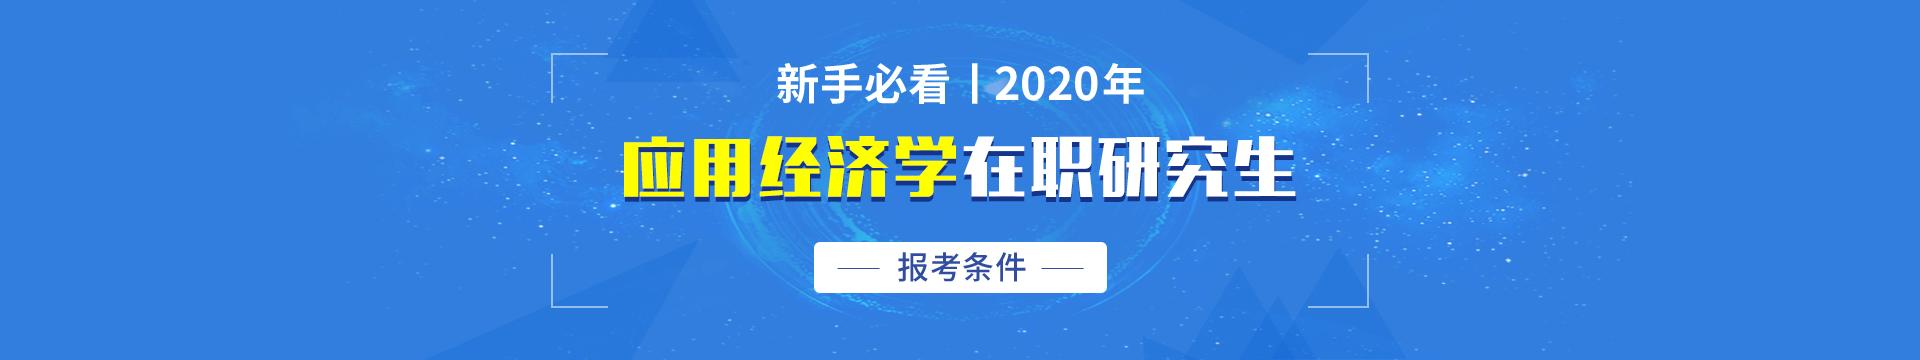 2019年应用经济学在职研究生报考条件详情解读!